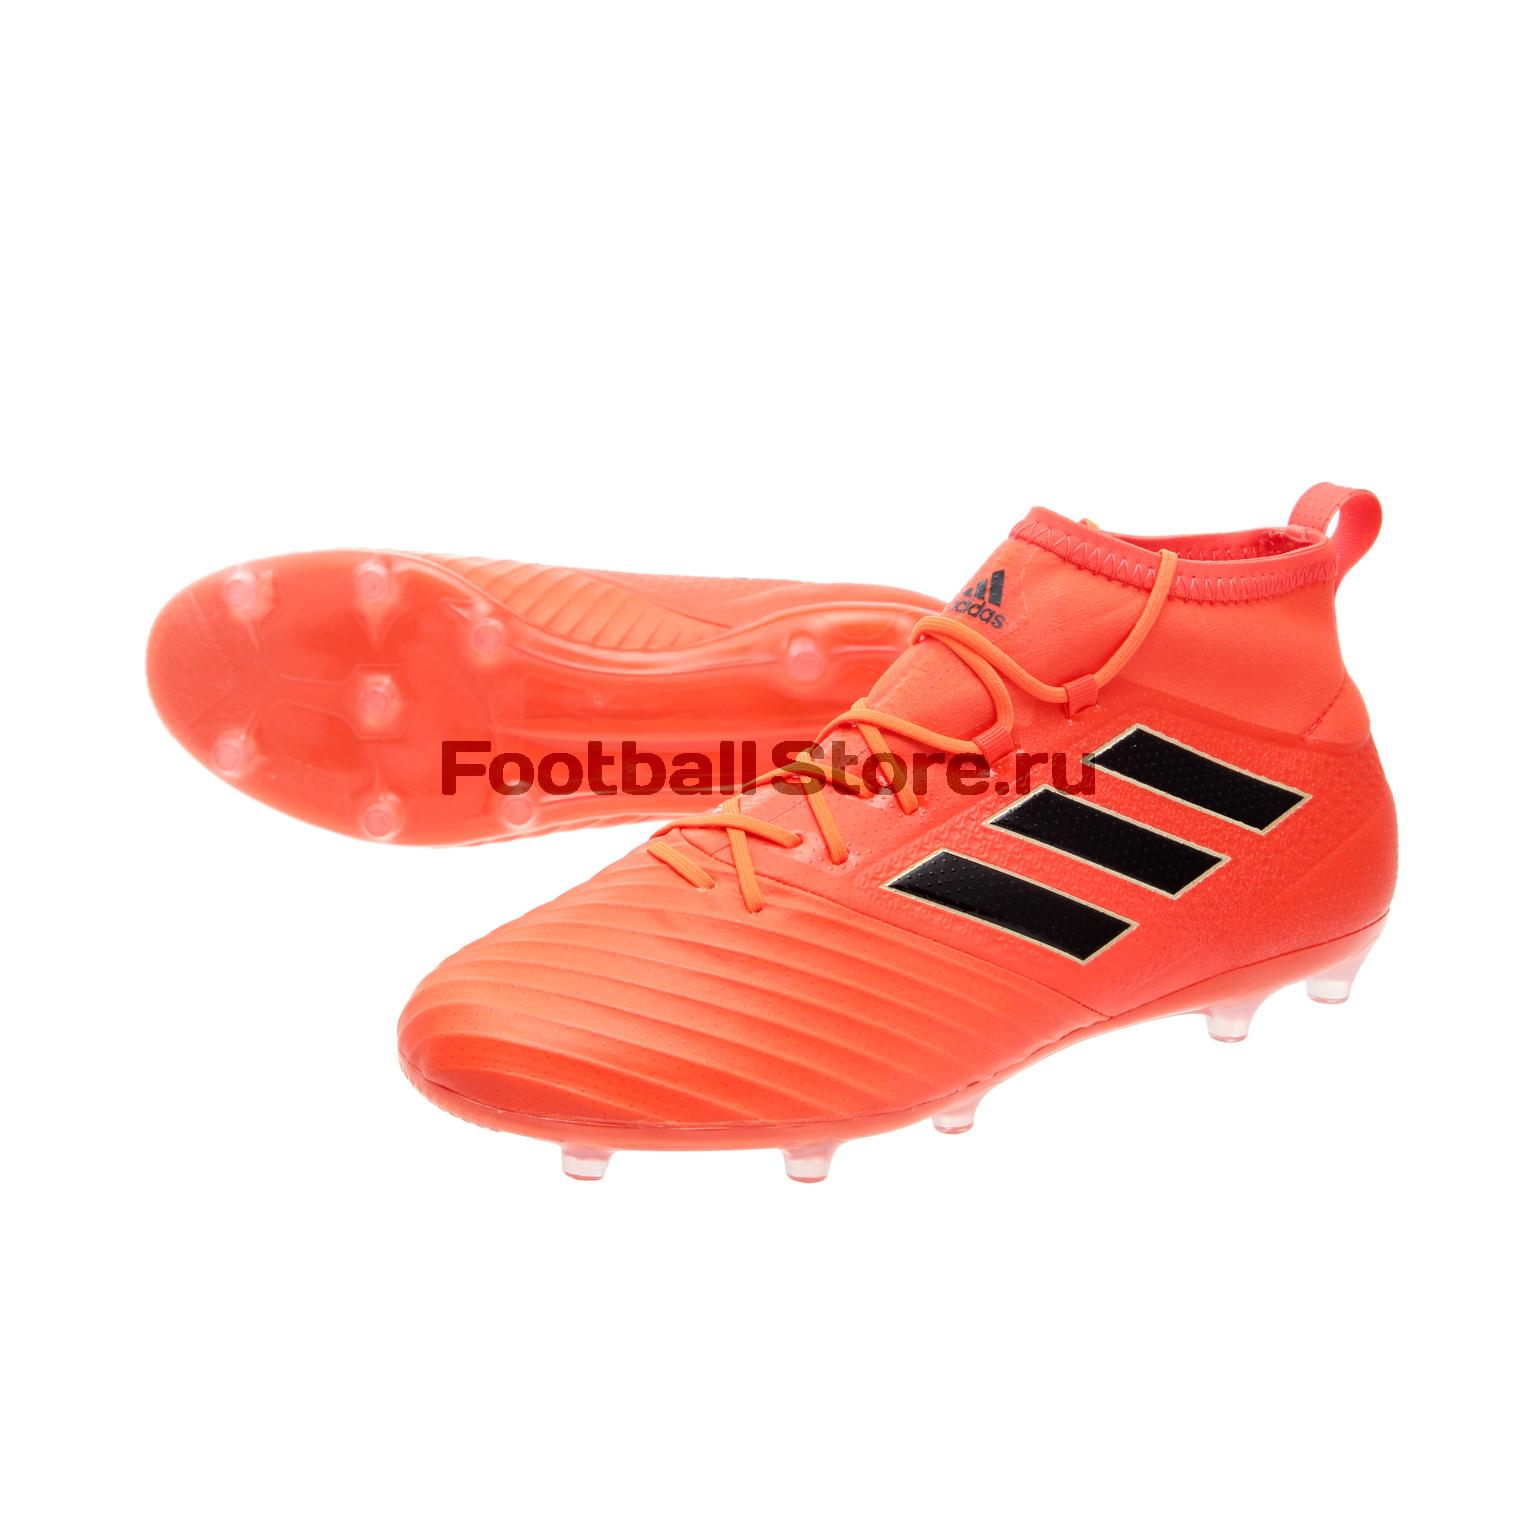 Бутсы Adidas Ace 17.2 FG BY2190 бутсы adidas бутсы